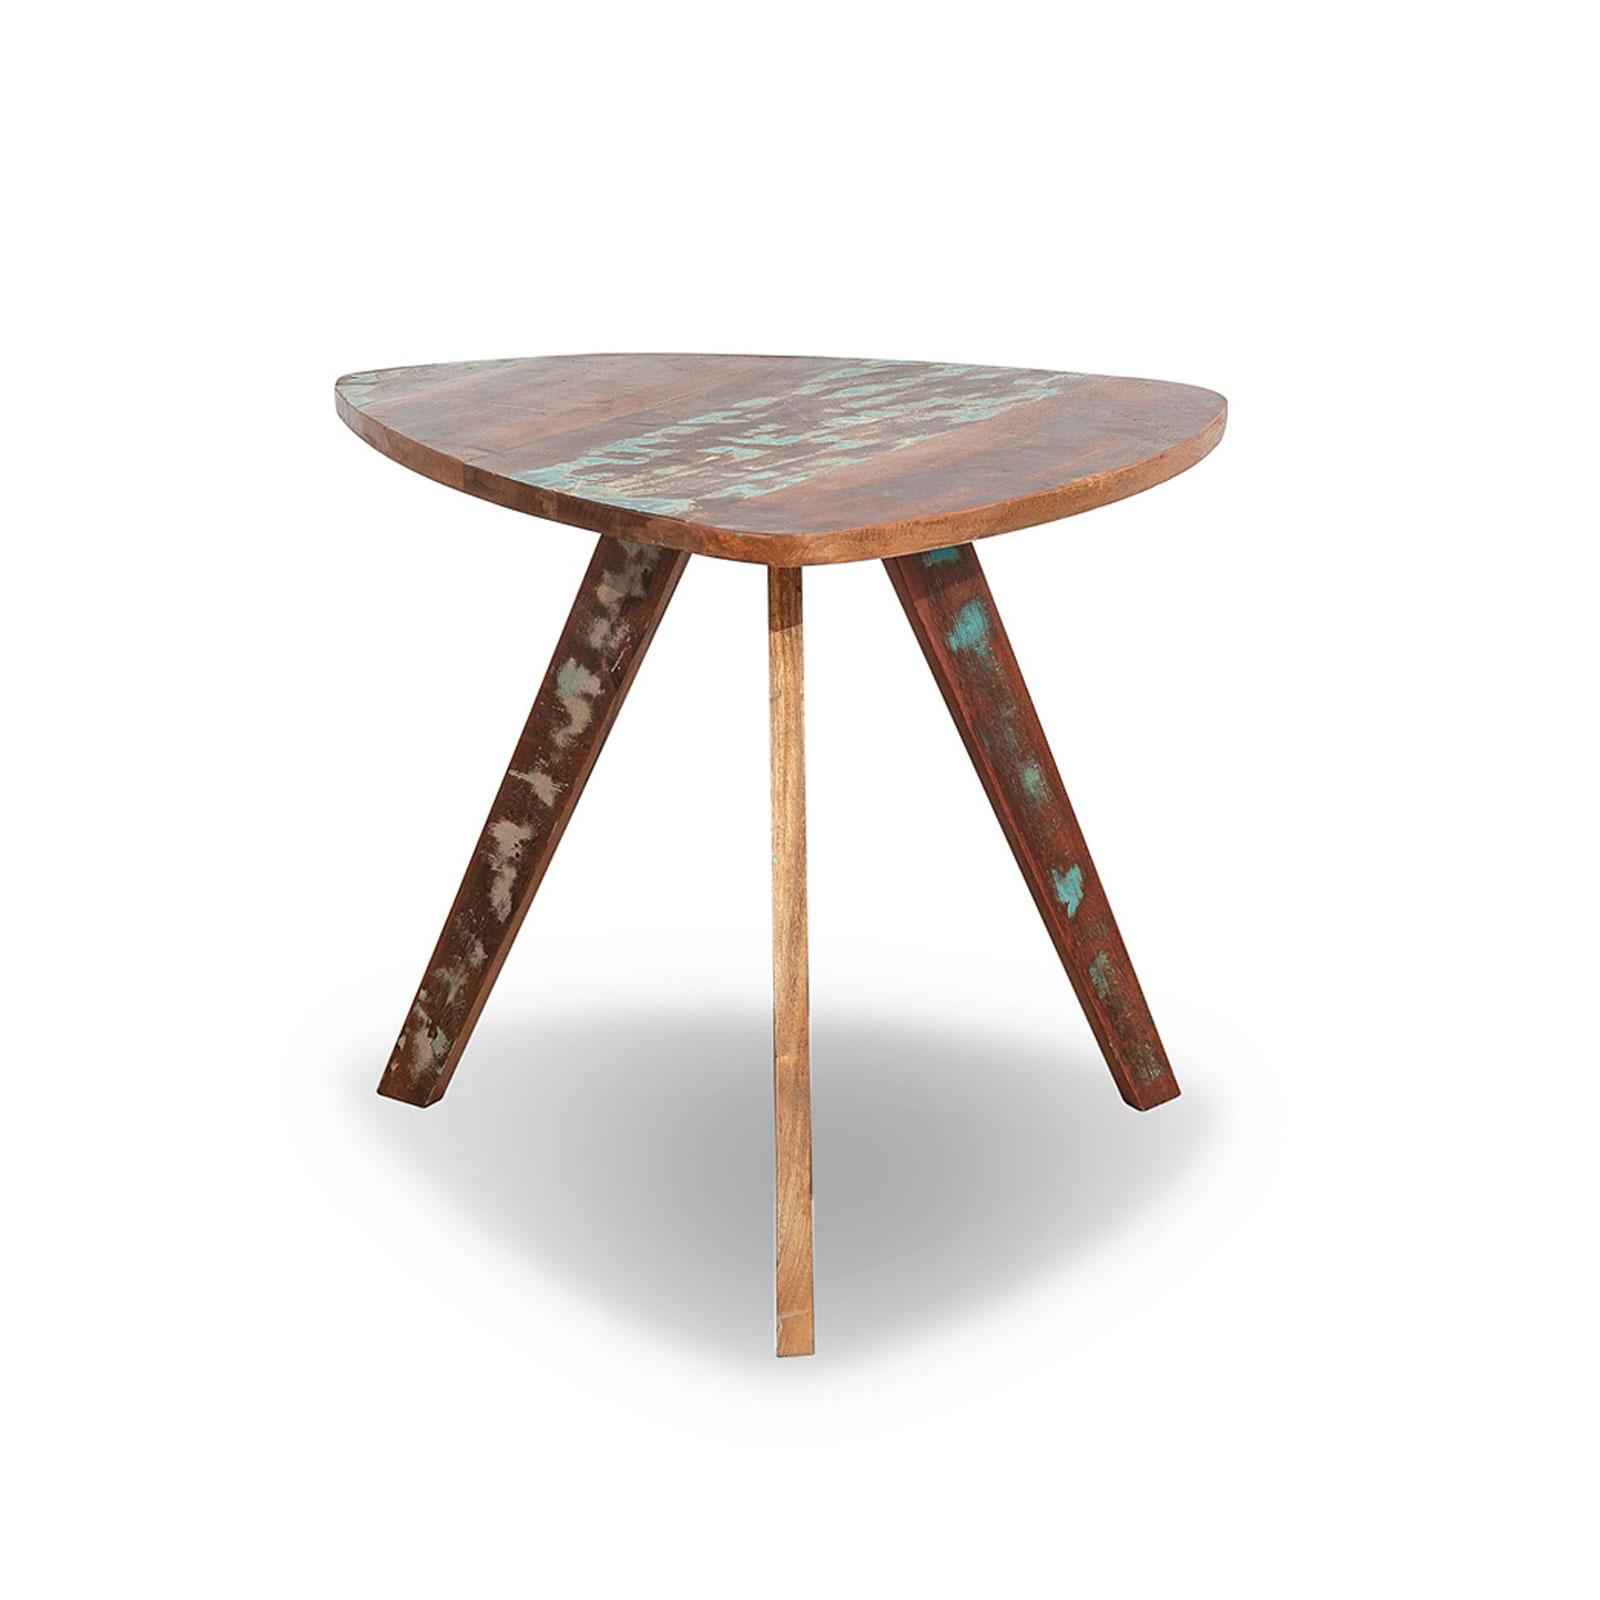 Beistelltisch Malm aus recyceltem Massivholz 60 x 65 cm Bunt